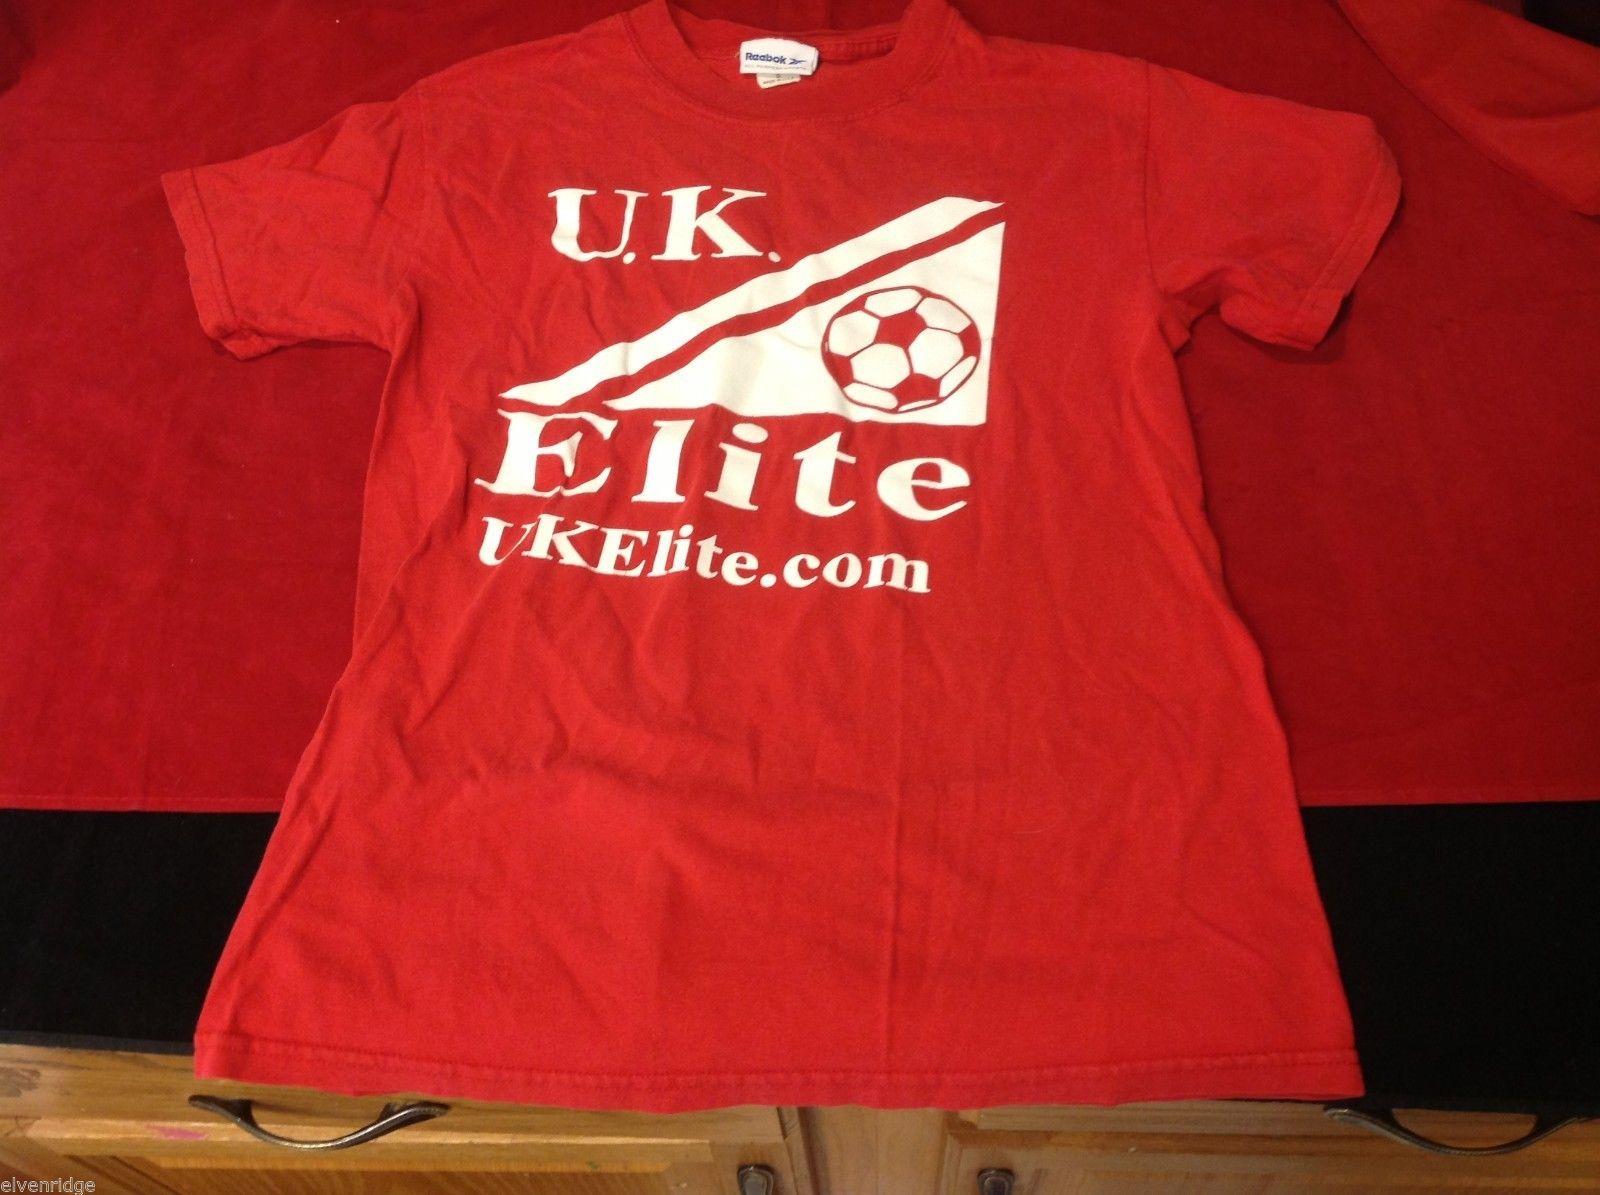 reebok men's t shirt red logo s small UK Elite Soccer theme